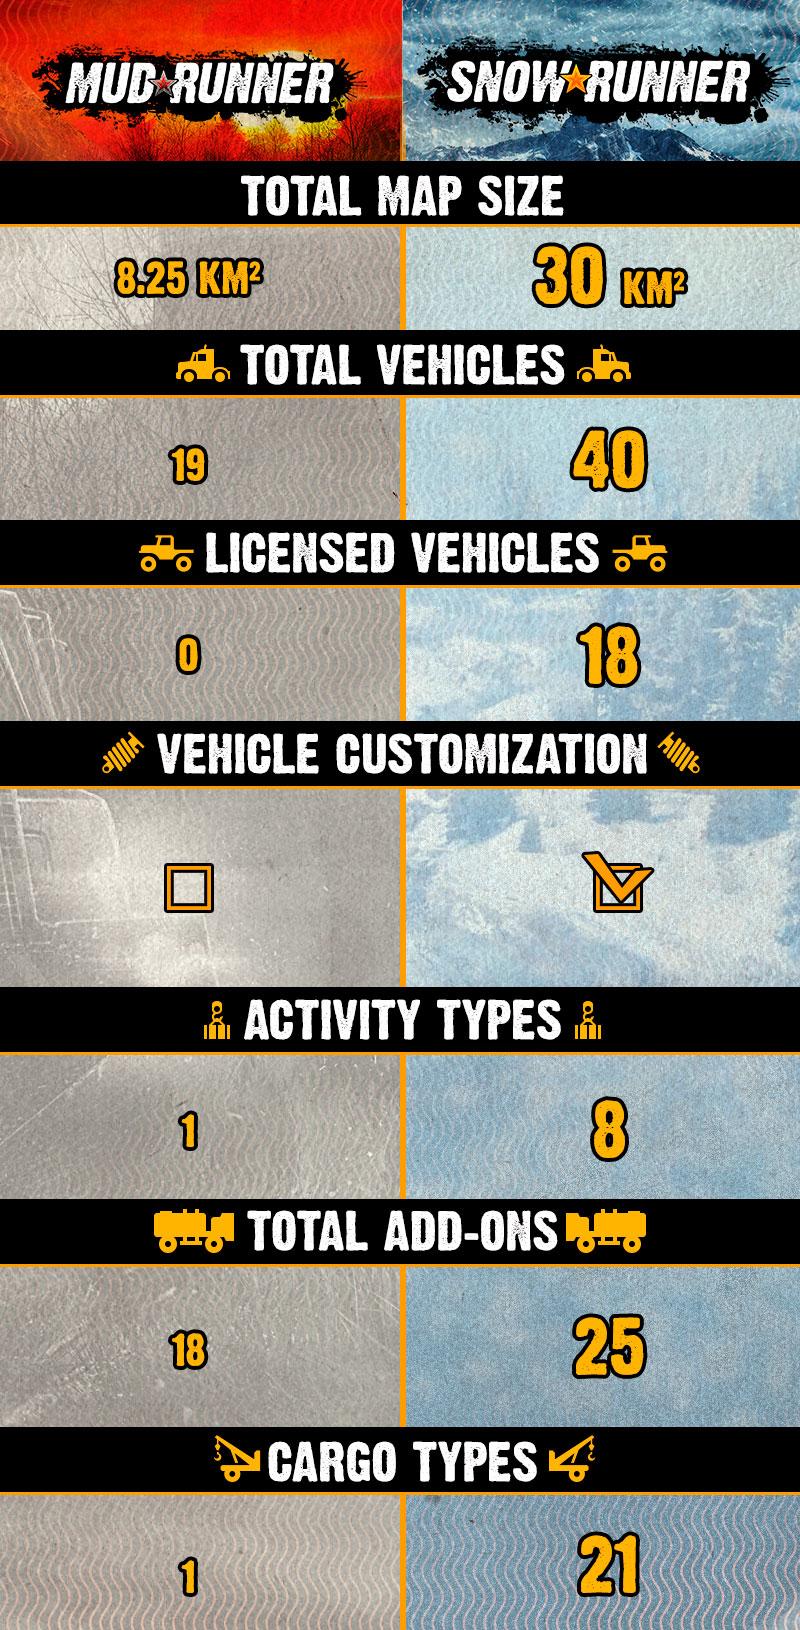 Na půlnoc recenze SnowRunner MudRunner v SnowRunner Infographic